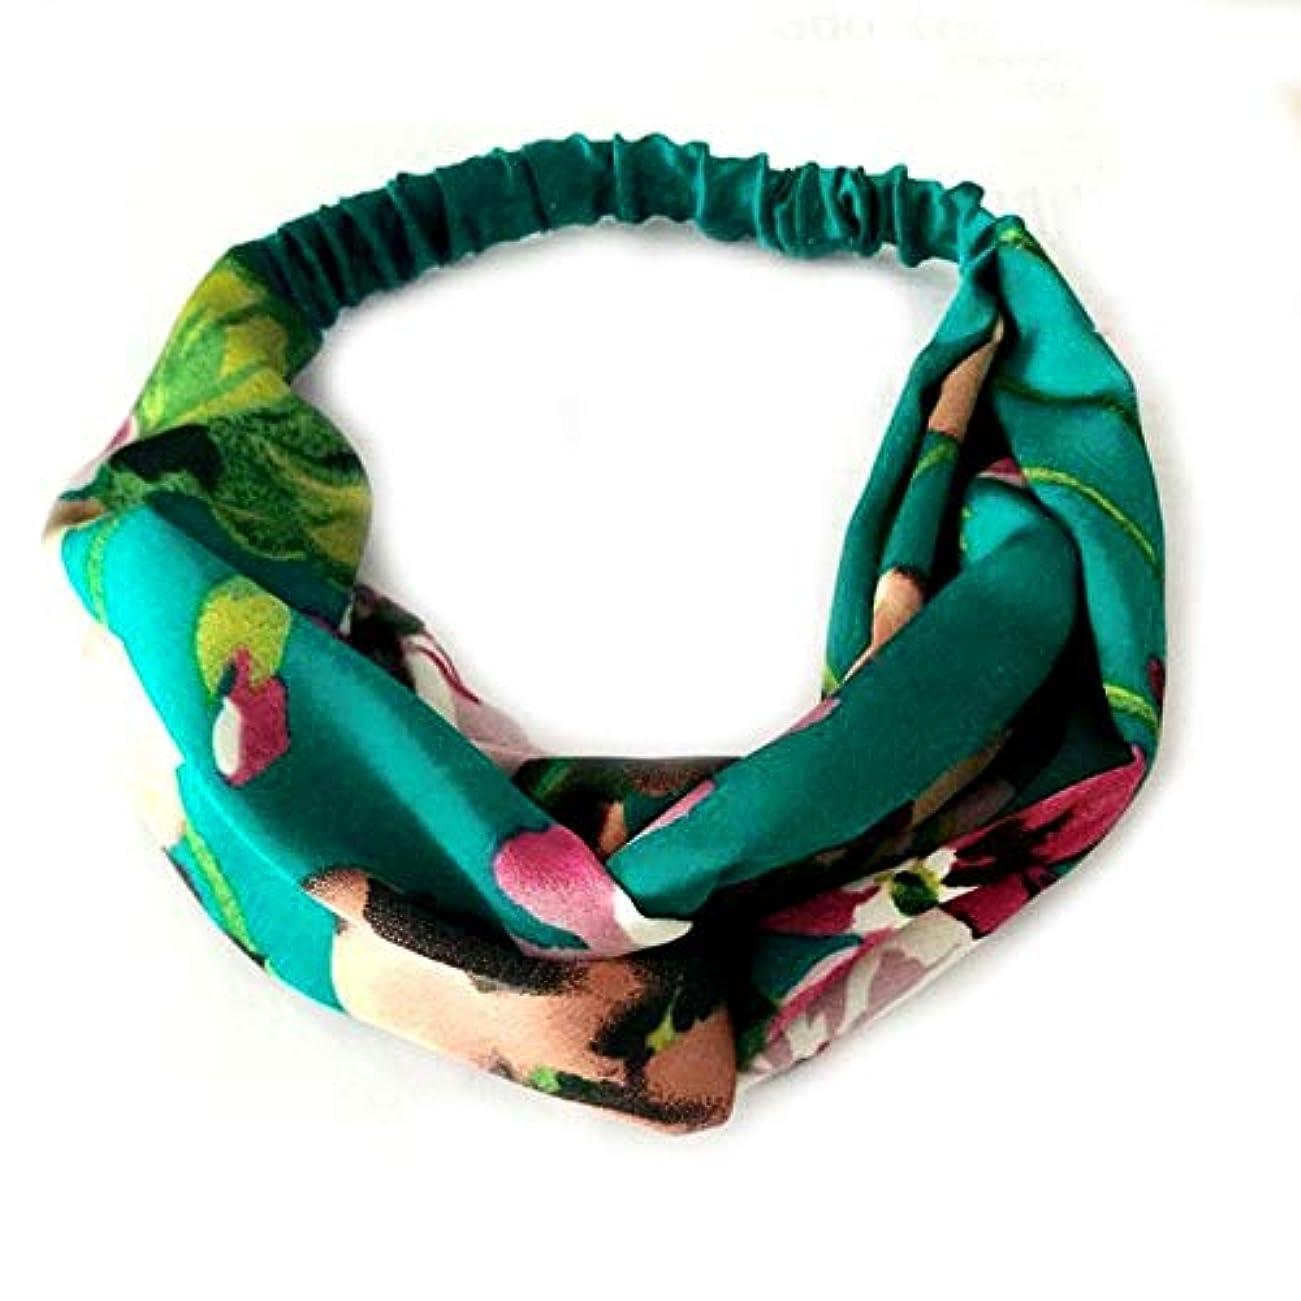 愚かな悲観的印象的Hairpinheair YHM女性サマーボヘミアンヘアバンドレトロクロスバンダナヘアアクセサリー(レッド) (色 : Green)